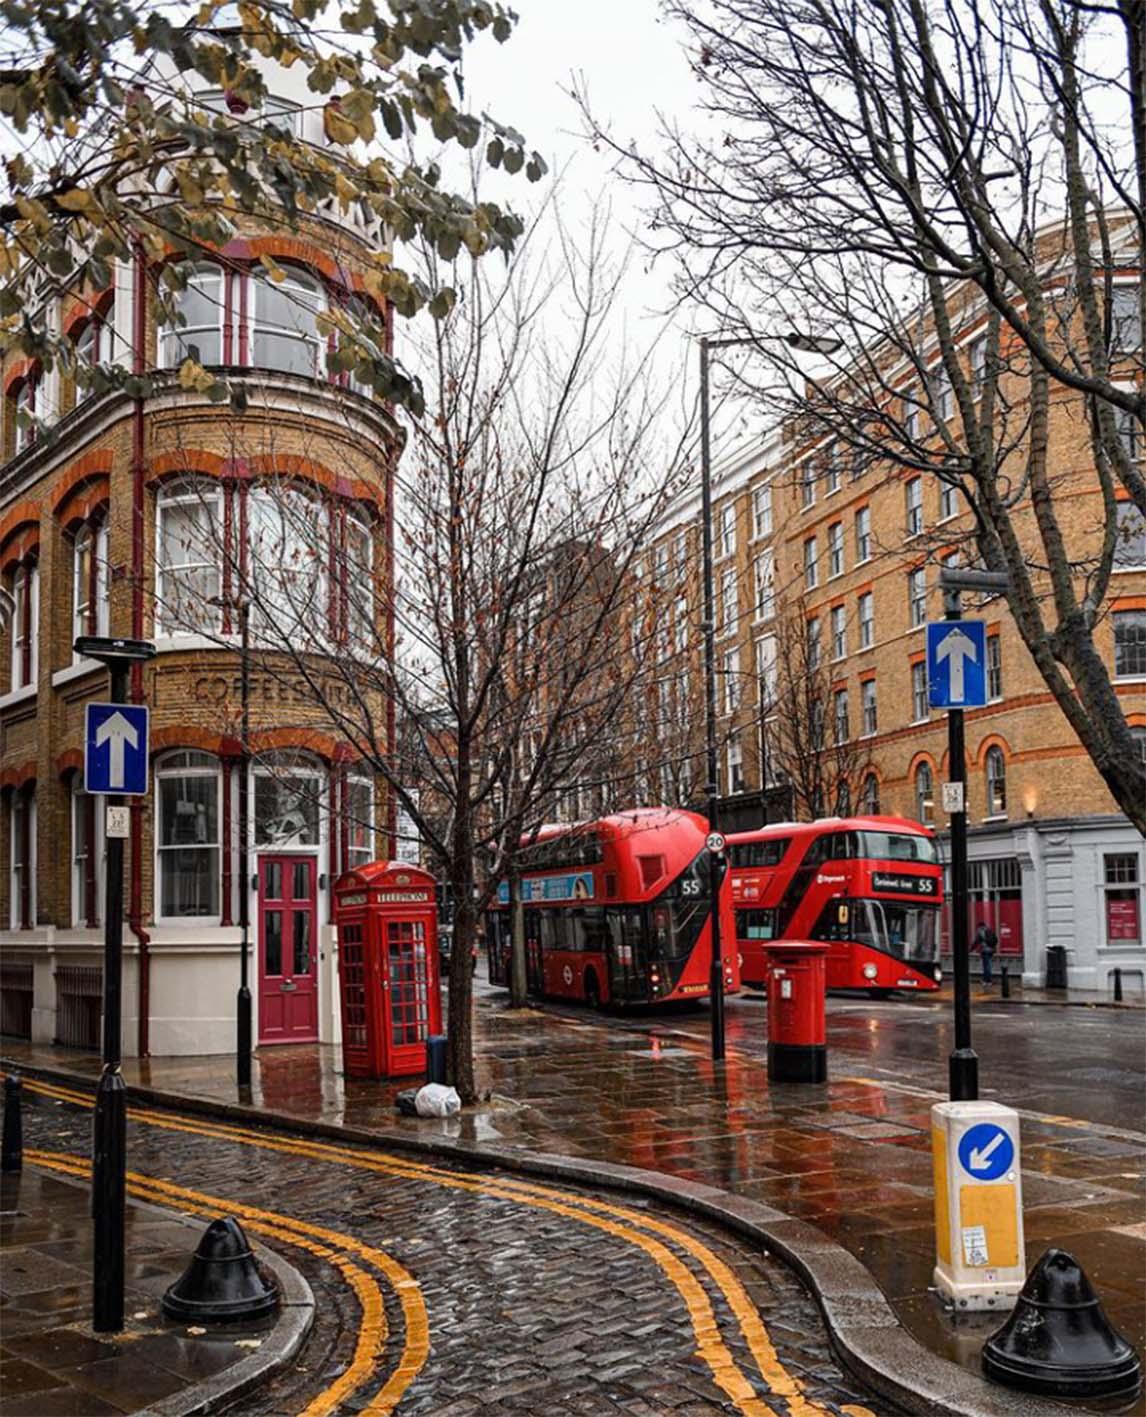 Andrea Di Fillipo: London bus